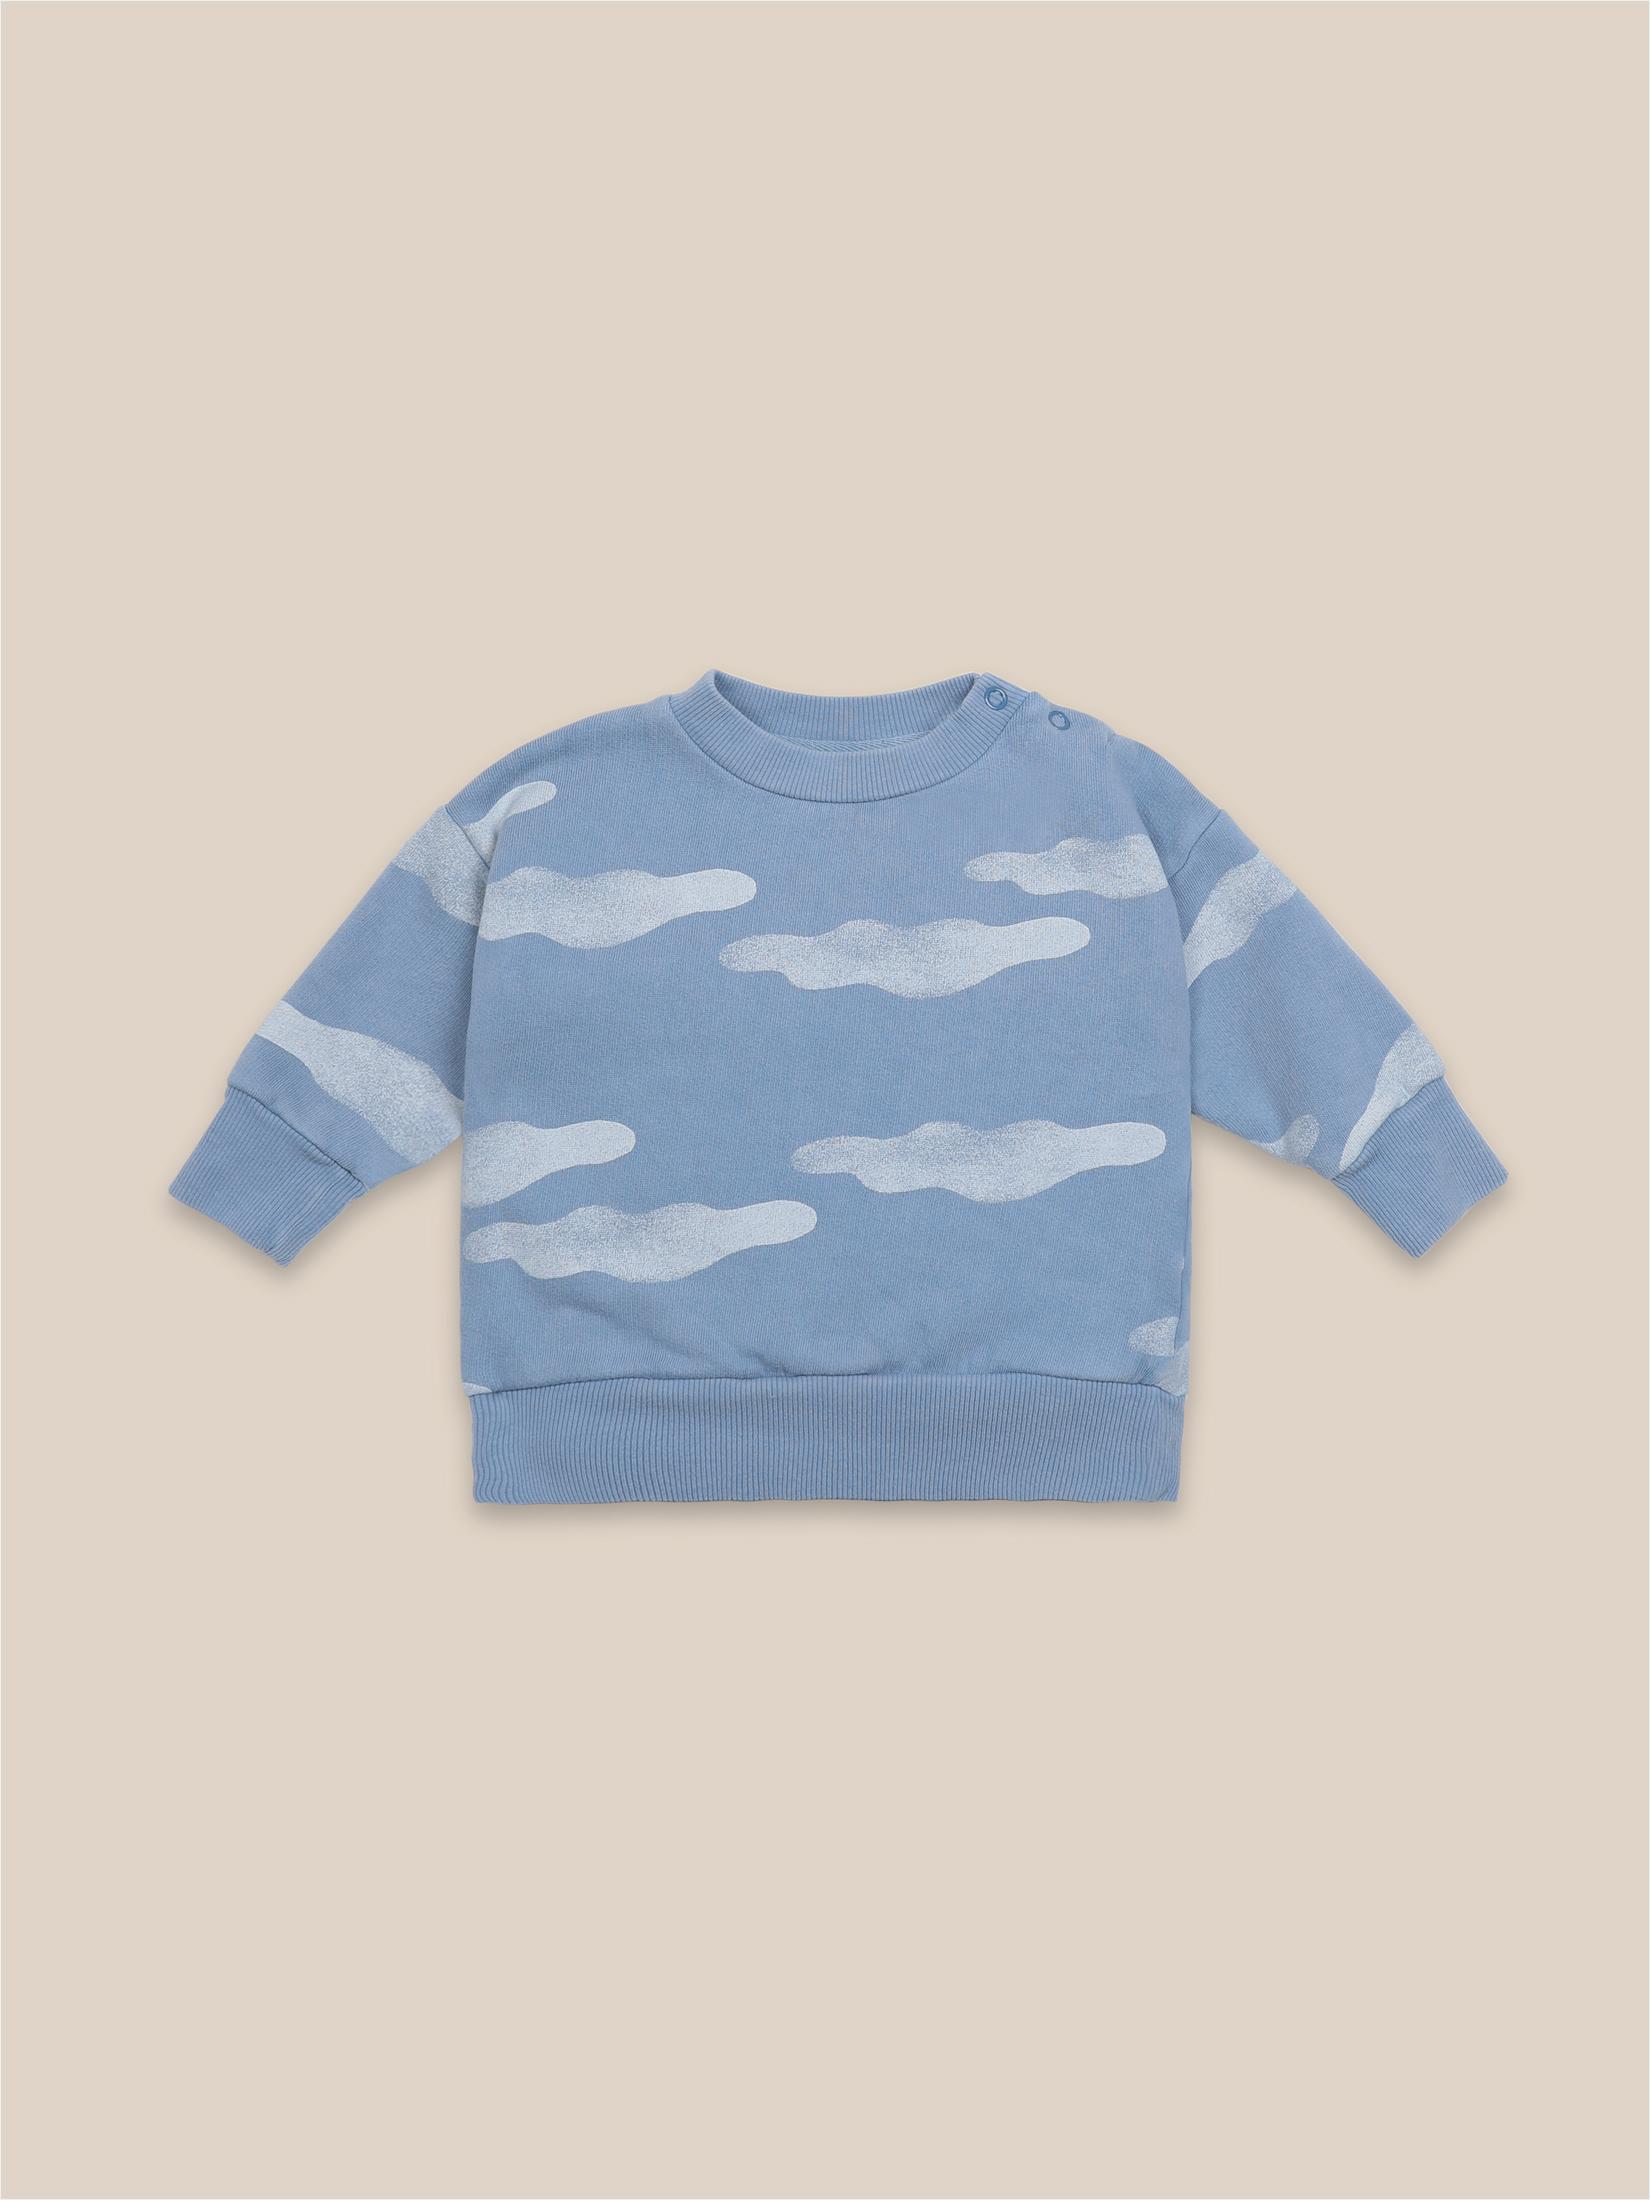 sudadera nubes bobo choses en azul con esgtampado de nubes